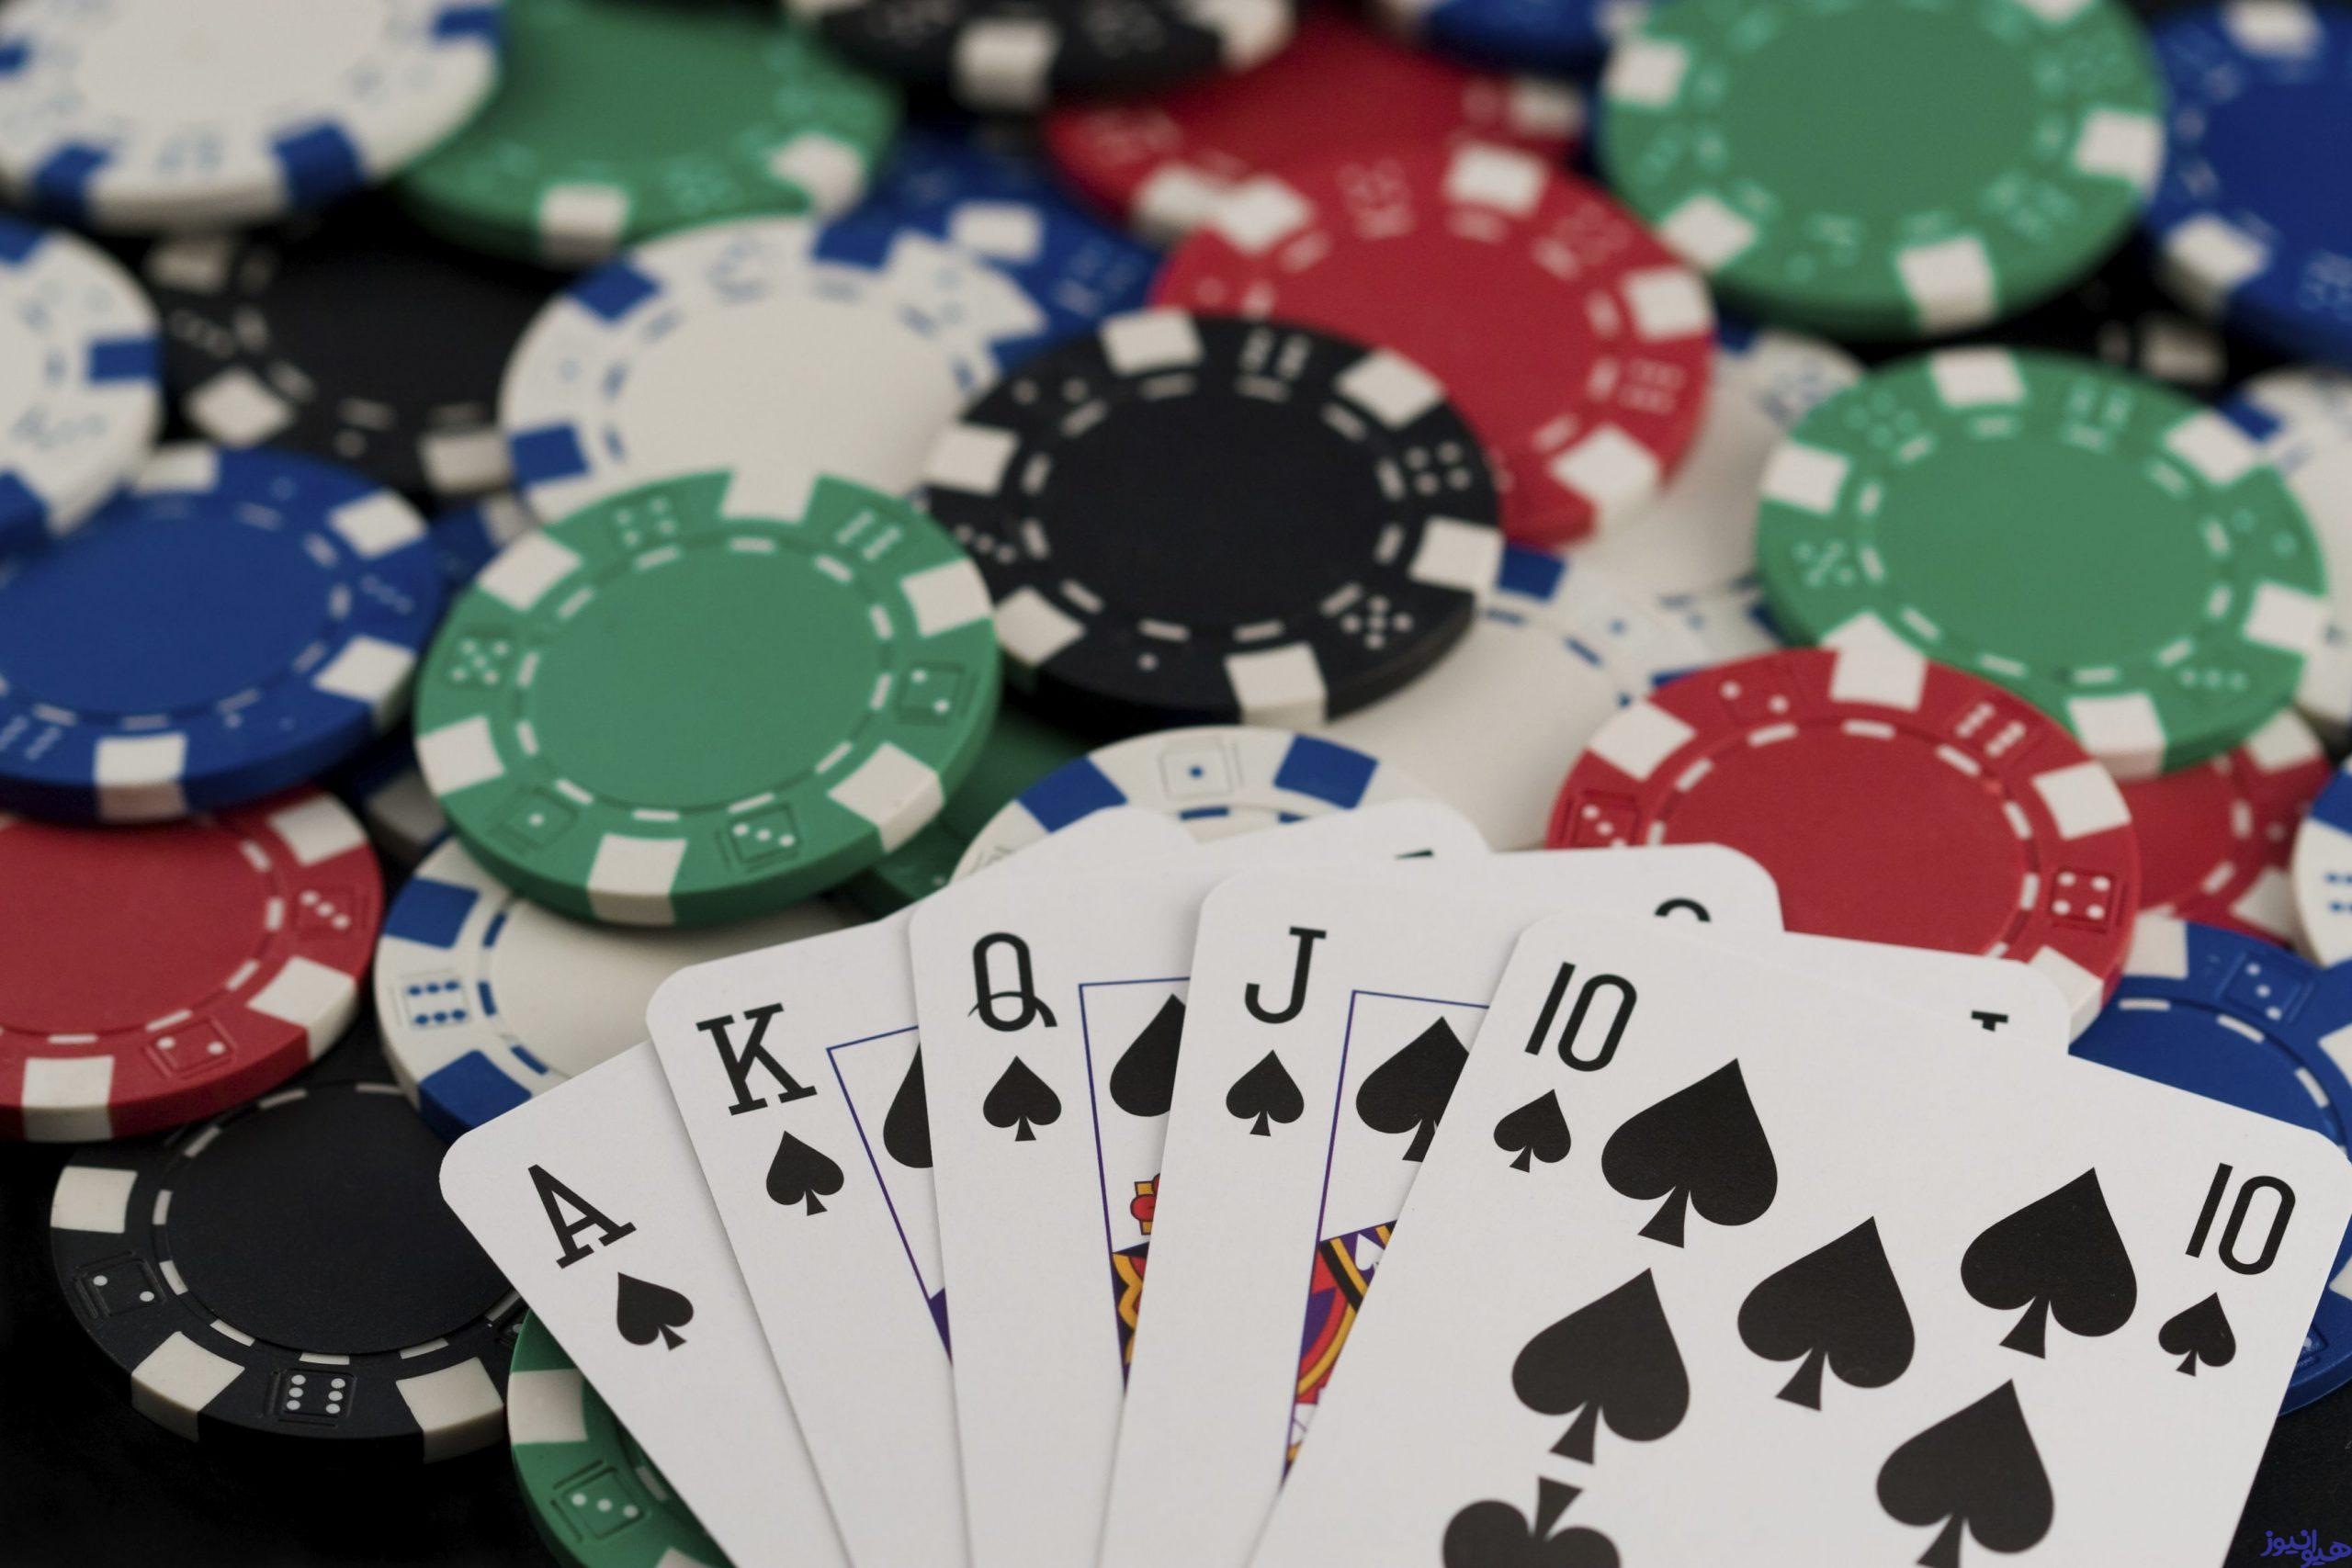 پوکر یک بازی کاملا مهارتی